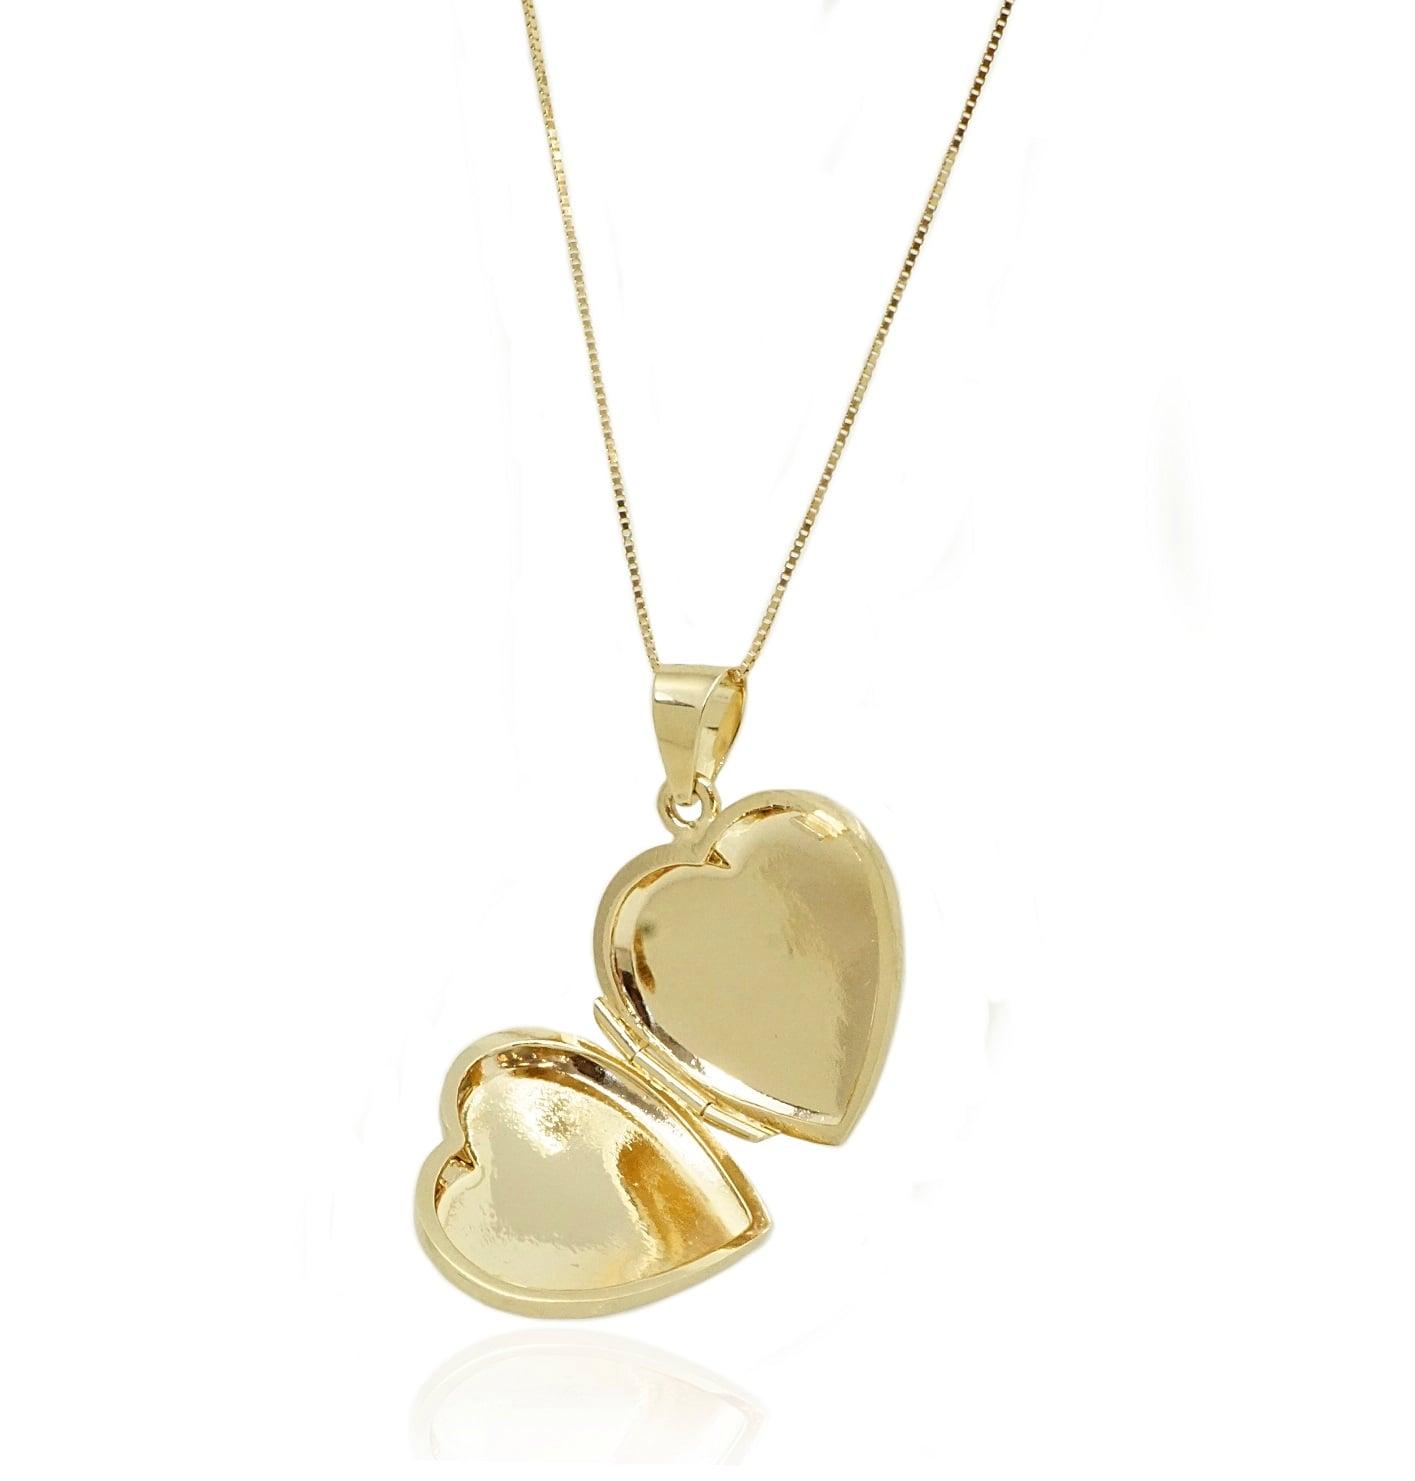 שרשרת לב נפתח מזהב | תליון לב נפתח לחריטה